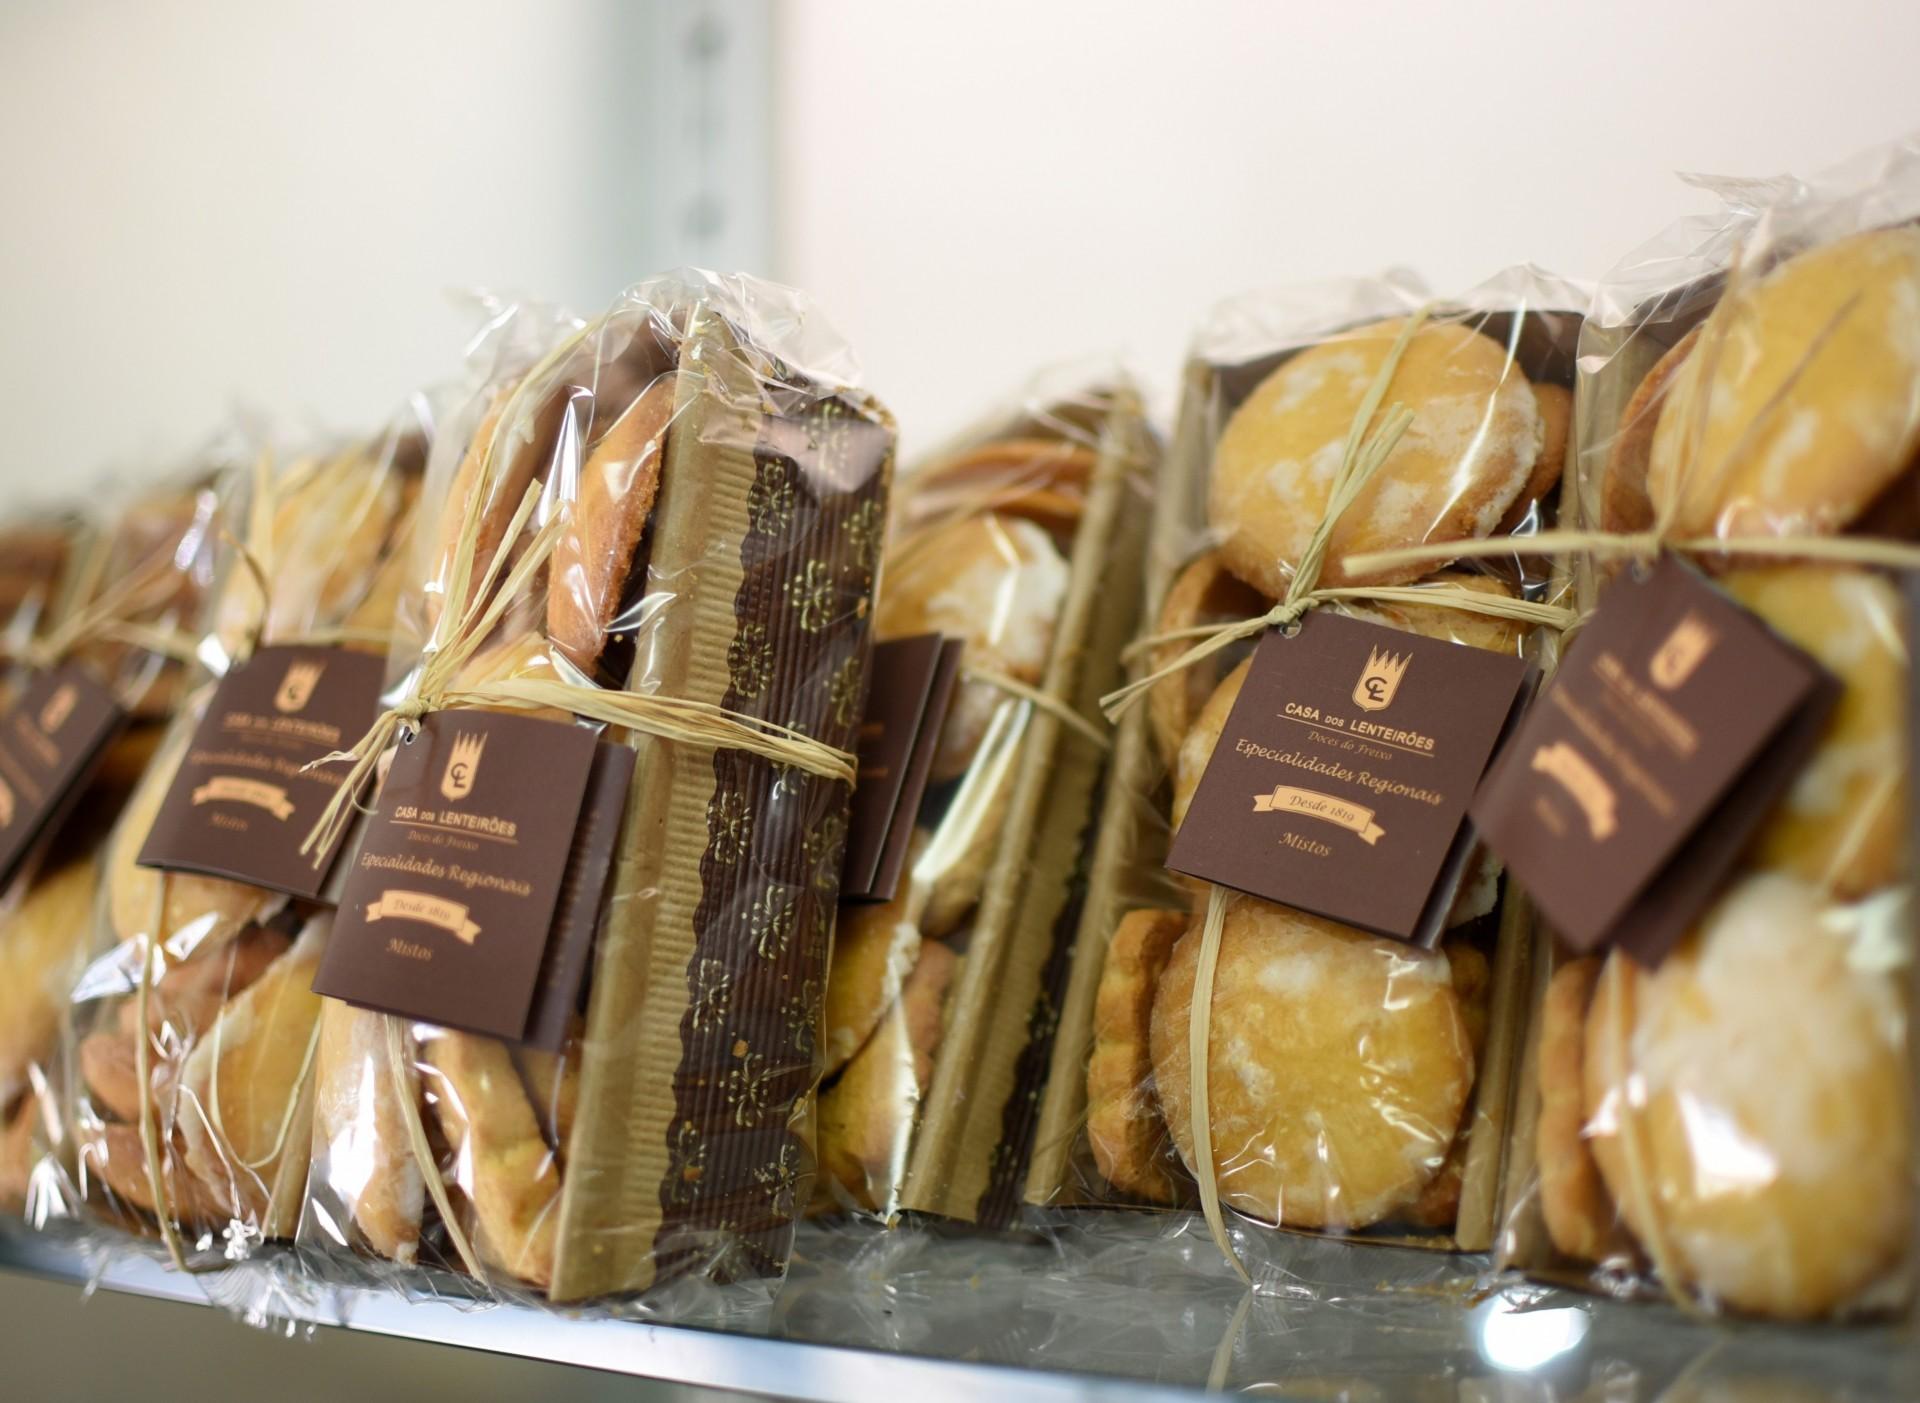 Biscoitos Mistos 190g | Doces do Freixo - Casa dos Lenteirões